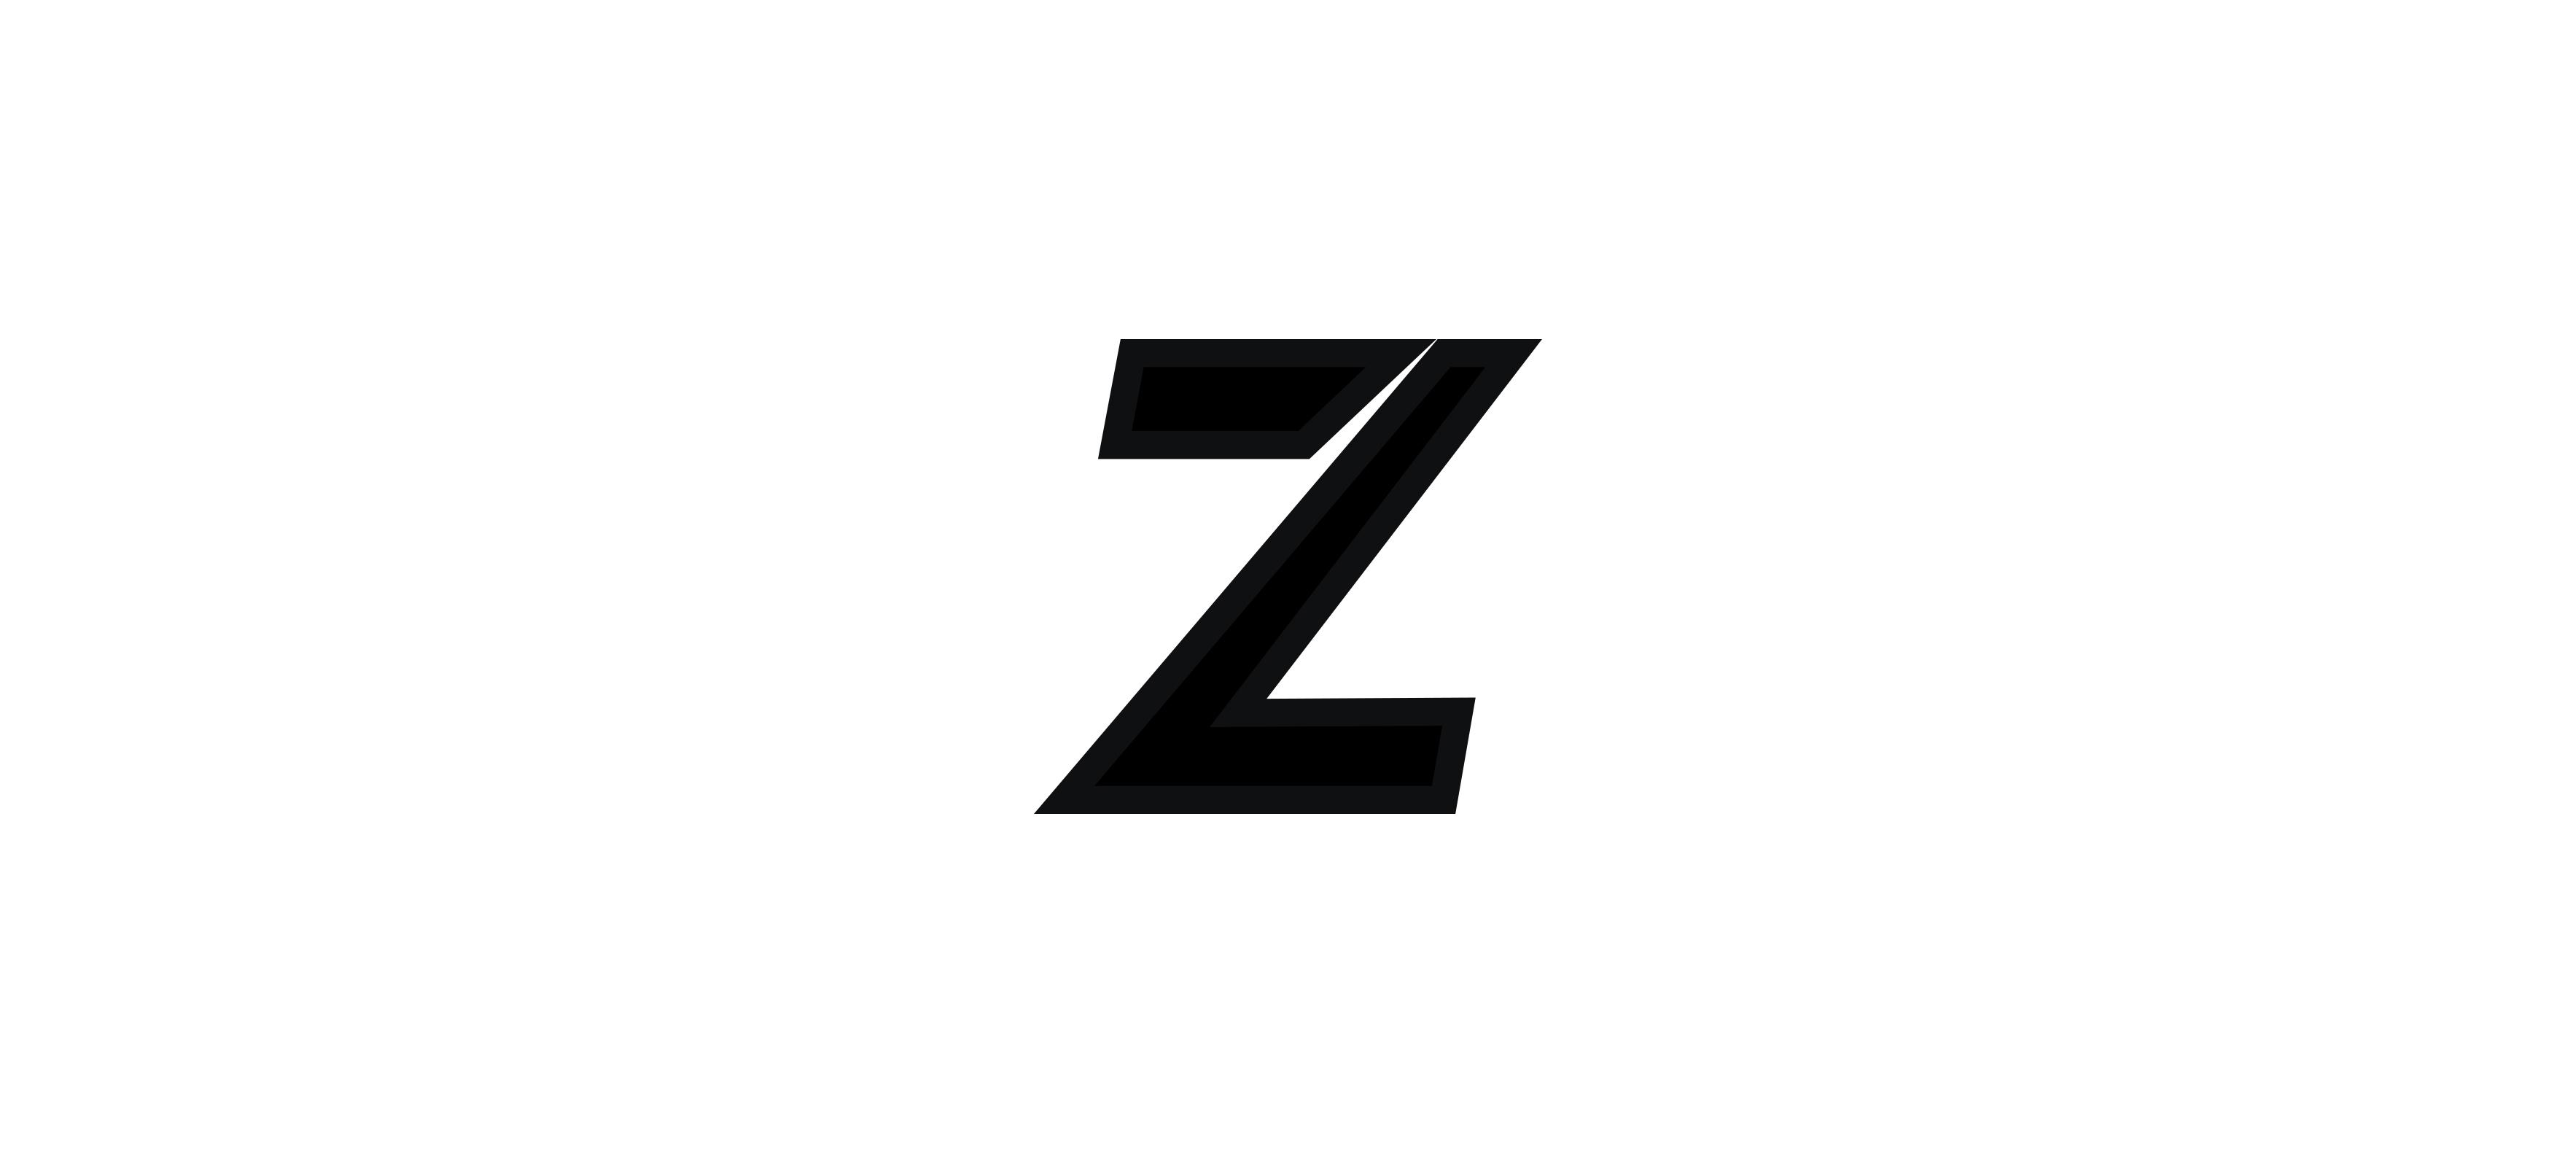 Логотип для интернет проекта фото f_4245a2af00e195f9.jpg